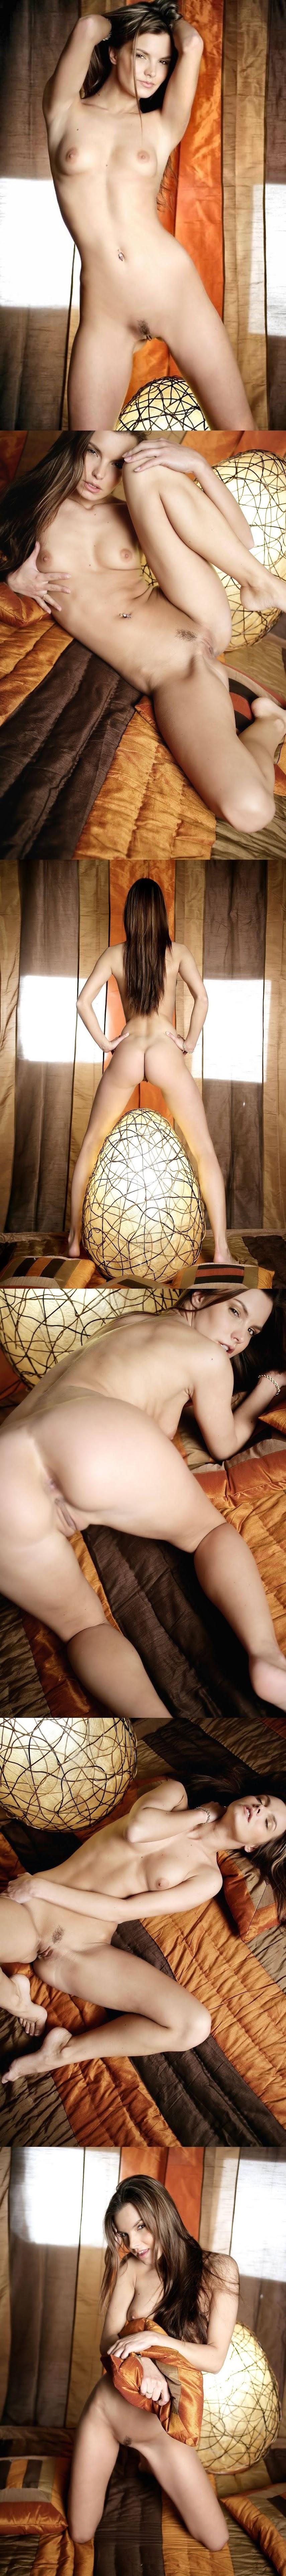 MA_20081113_-_Sandra_C_-_Solo_-_by_Rylsky.zip-jk- Met-Art MA 20081114 - Carina A - Dantias - by Luca Helios